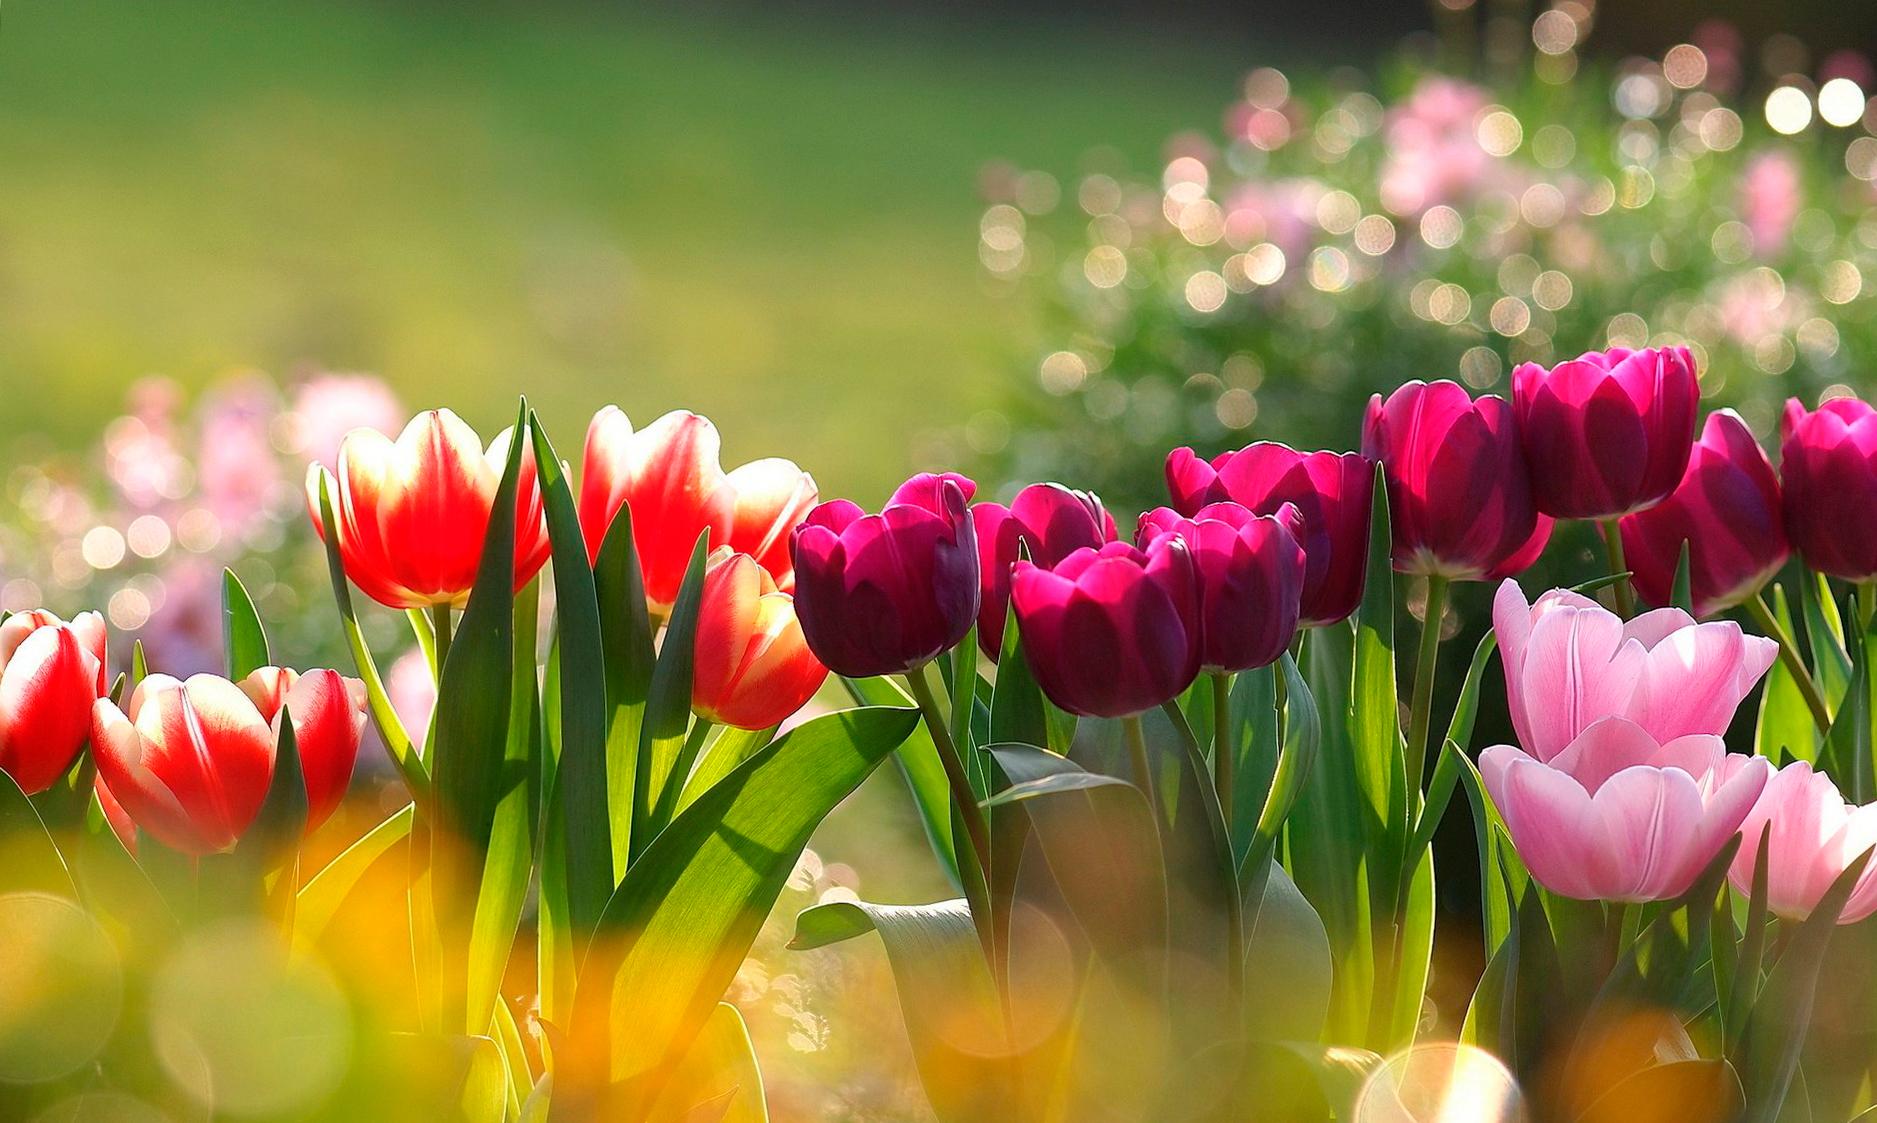 tulip-photo-142